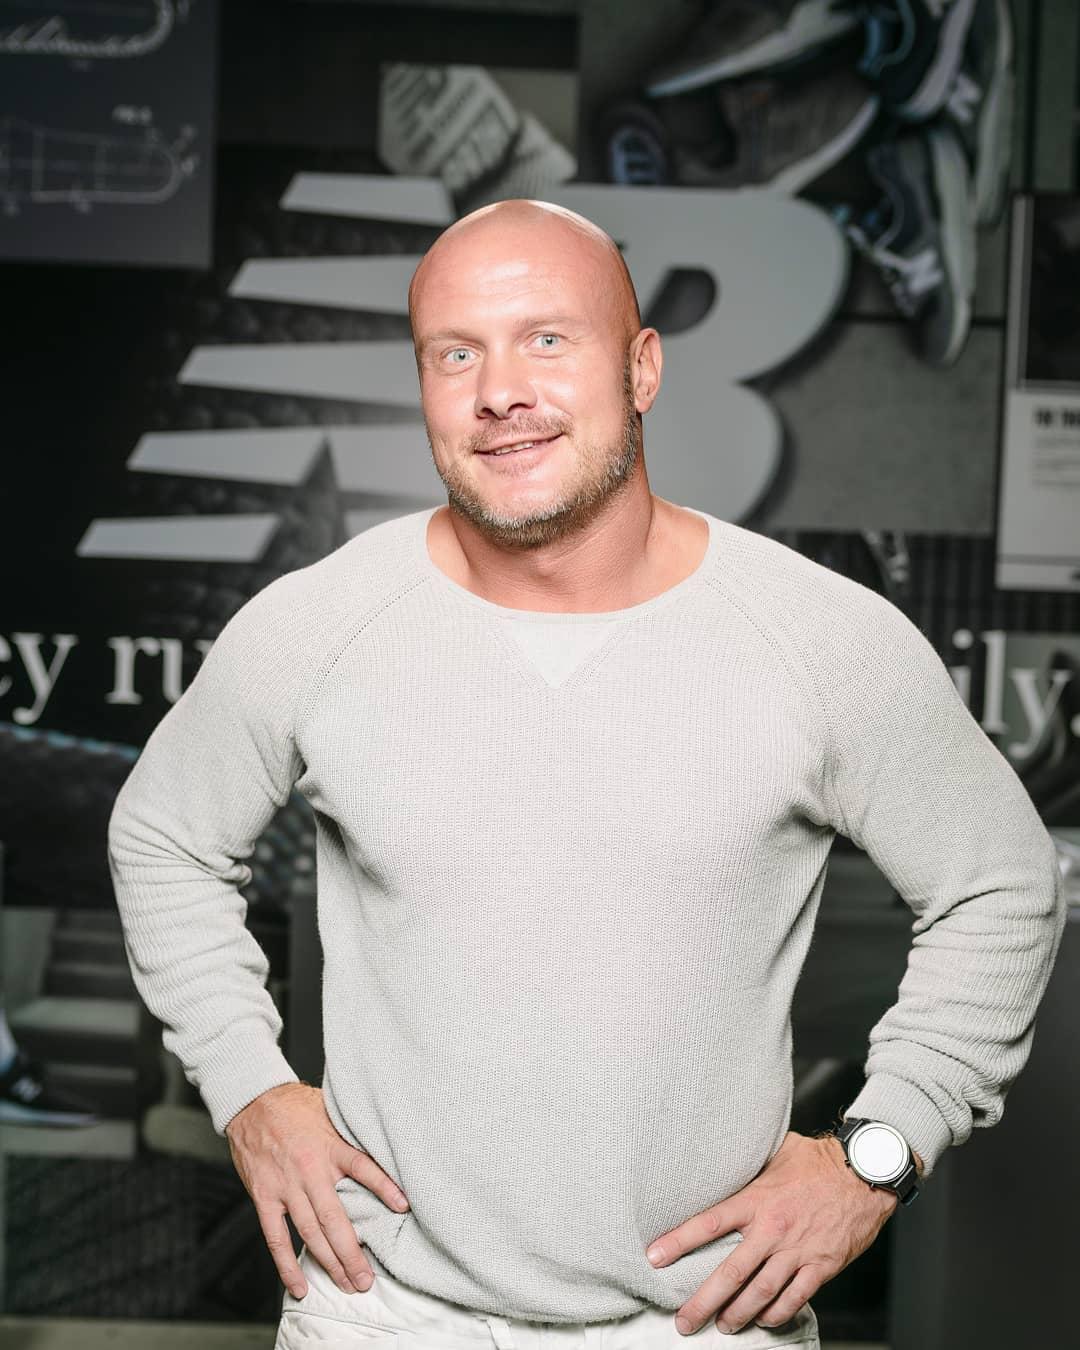 Делал все возможное: Вячеслав Узелков показал забавное селфи с дочерью